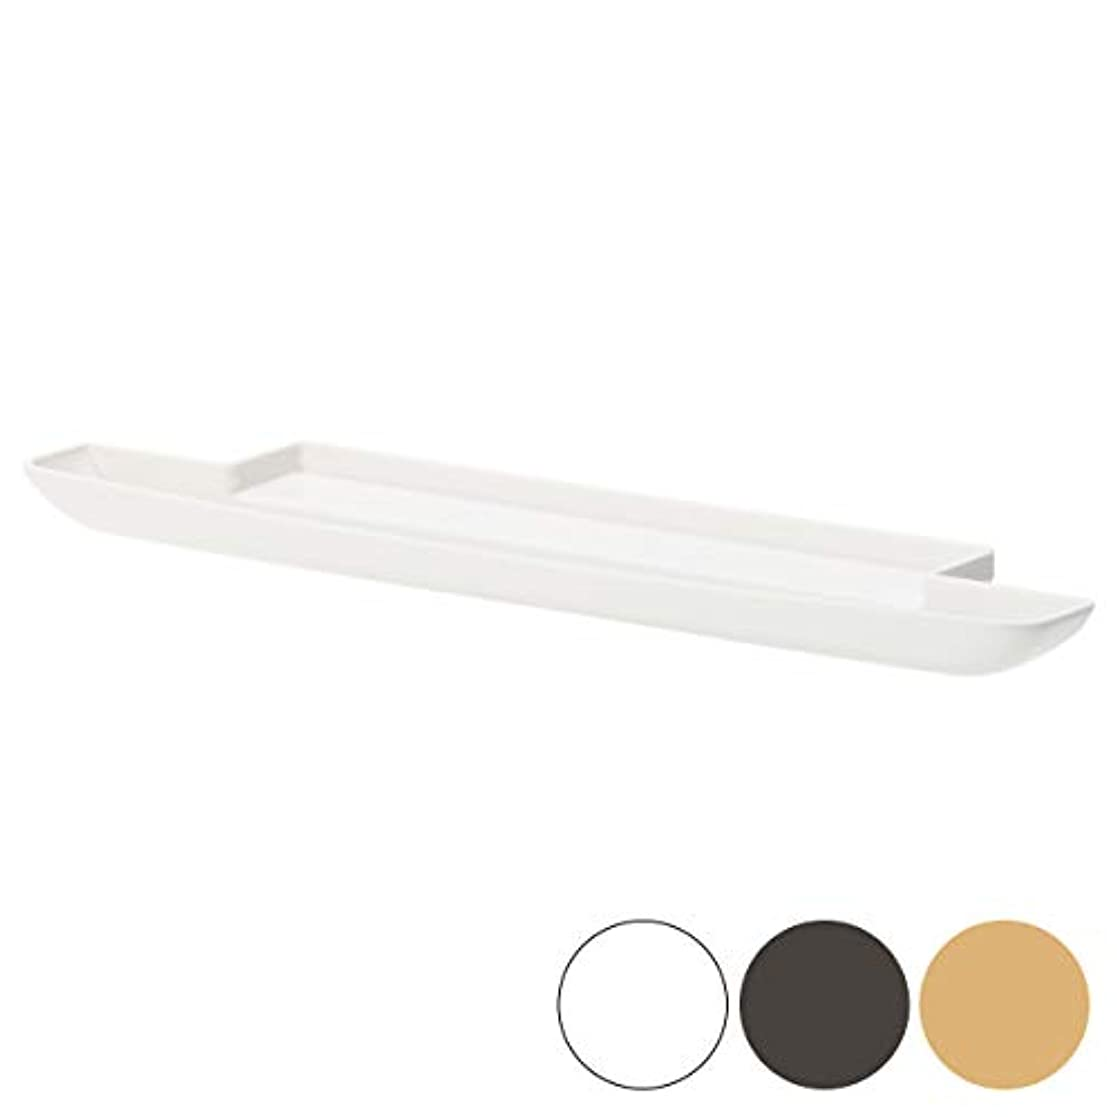 C-080 タオルウォーマー用水受け 全3色 ホワイト [ 備品 タオルウォーマー タオル蒸し器 おしぼり蒸し器 タオルスチーマー ホットボックス タオル おしぼり ウォーマー スチーマー 小型 業務用 保温器 ]